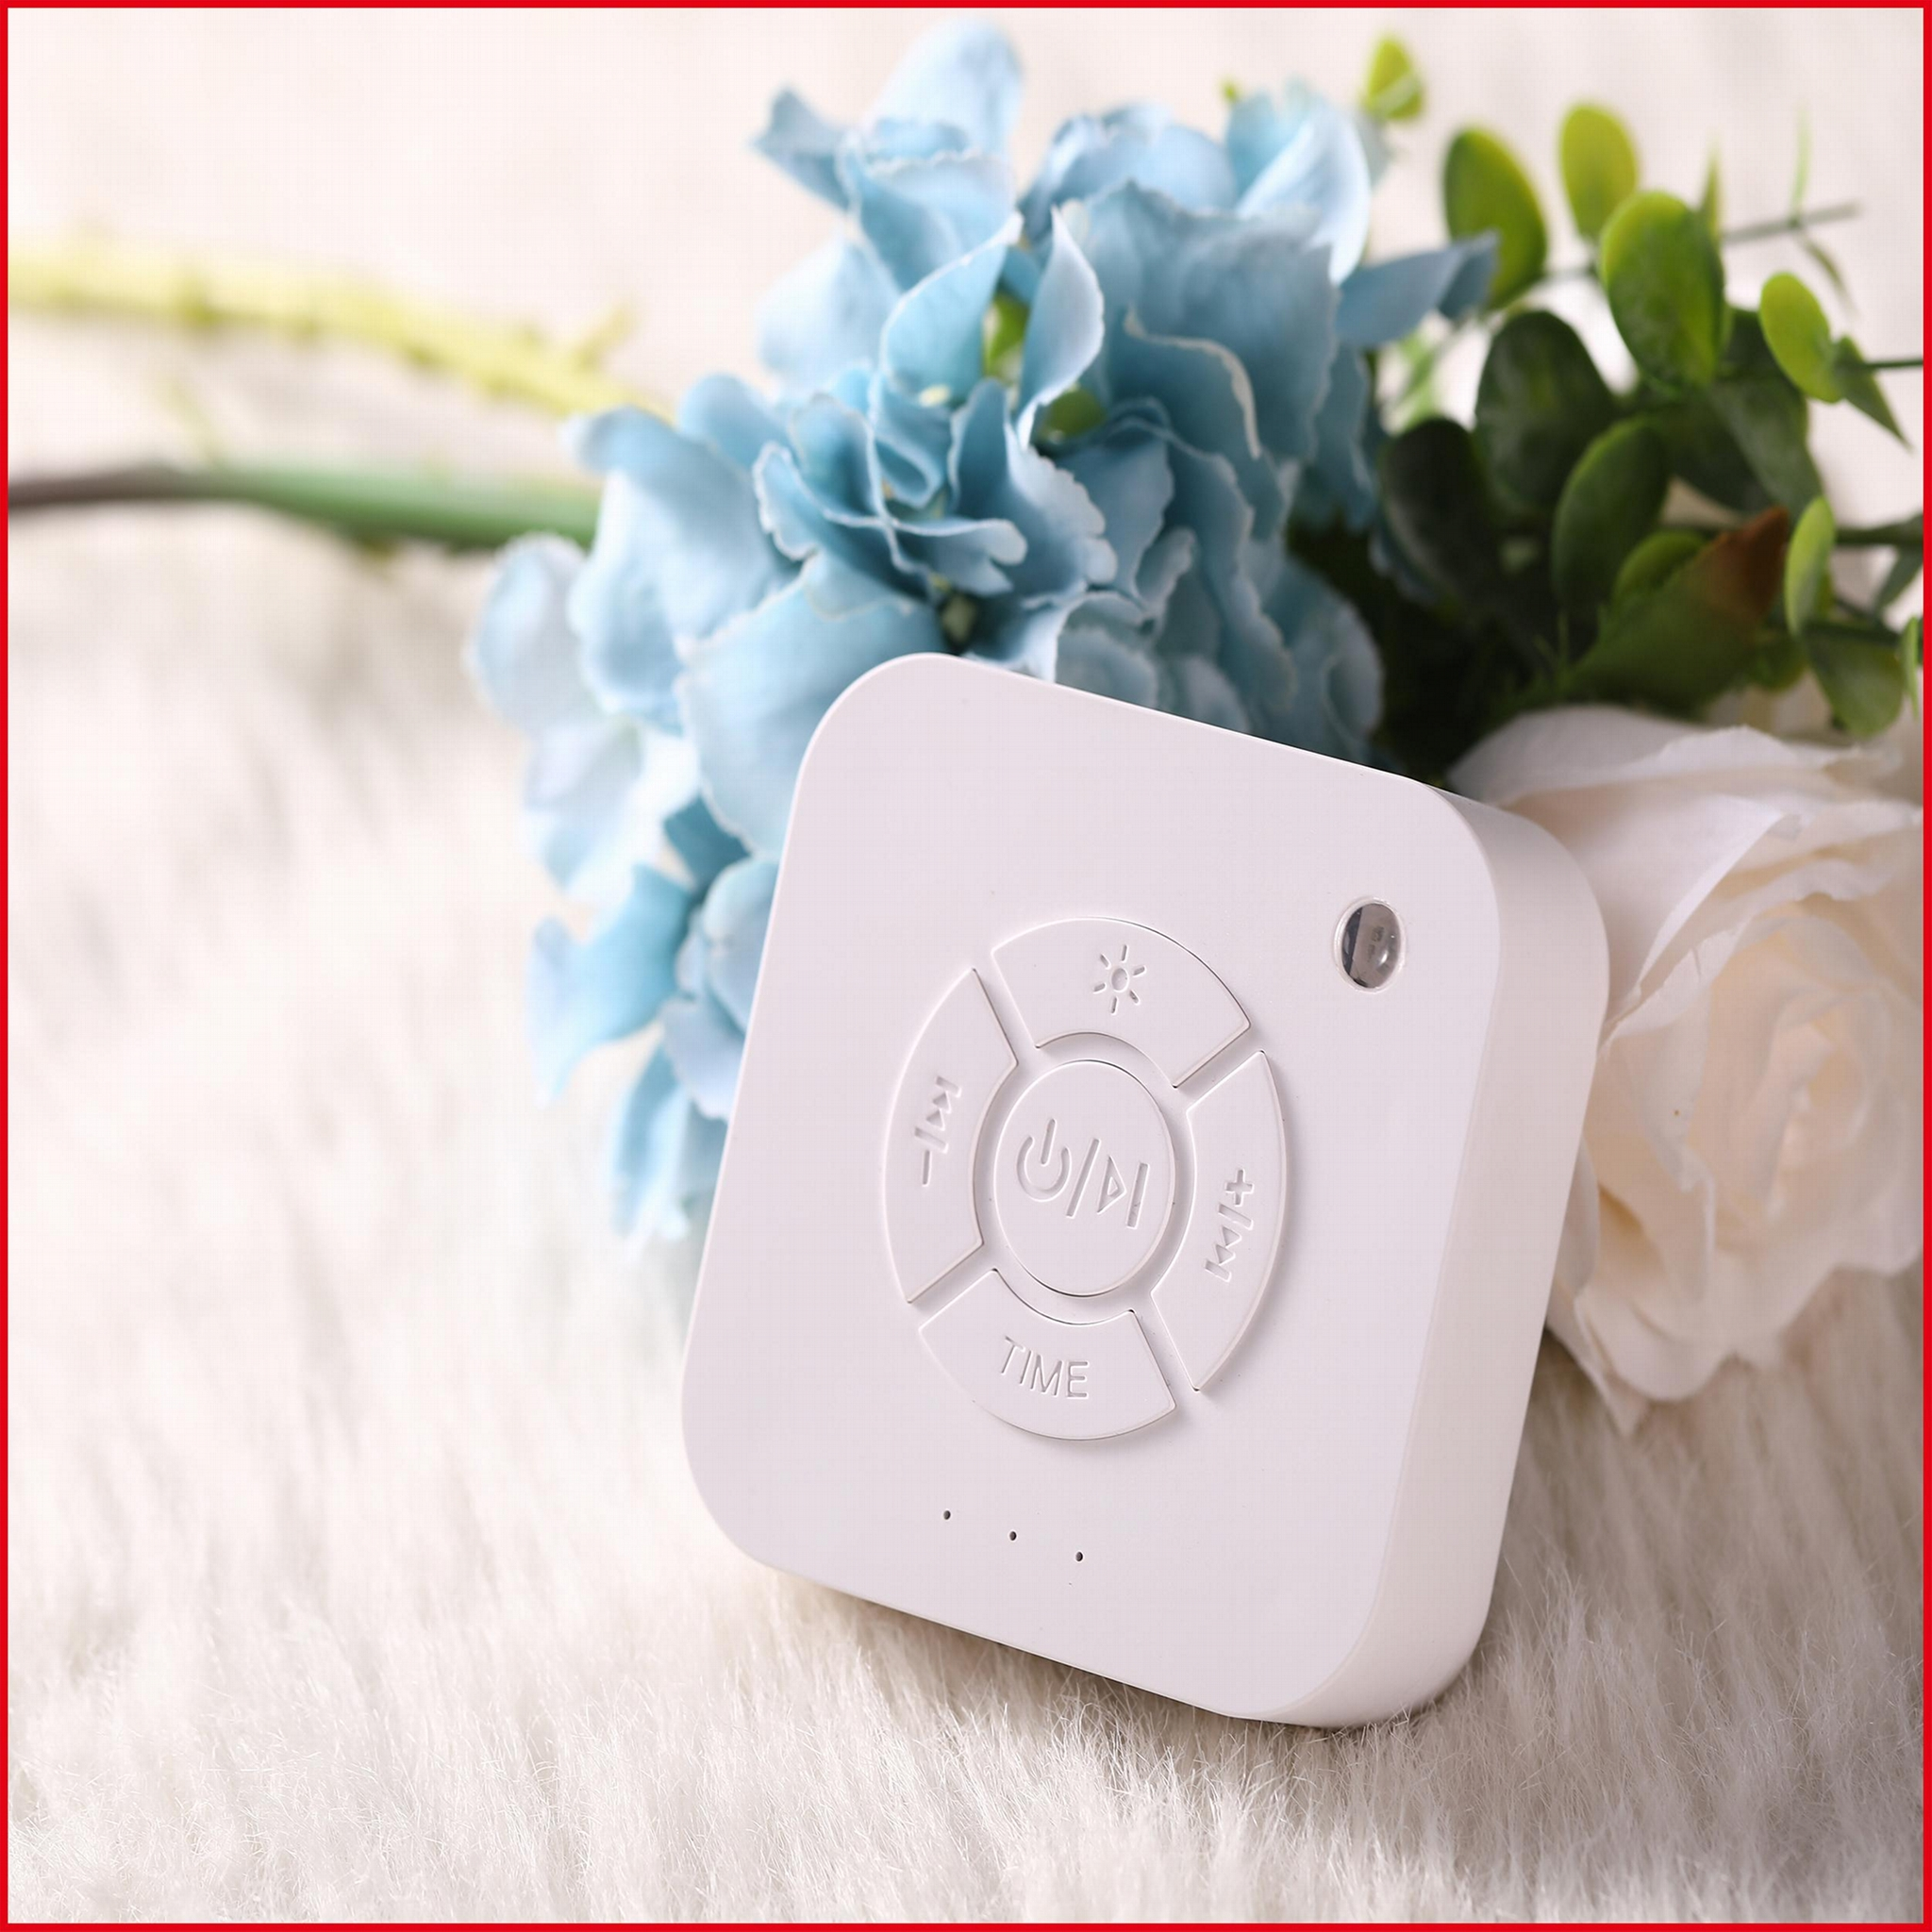 白噪音助眠仪老人助眠器婴儿睡眠安抚仪白噪音音乐助眠 1